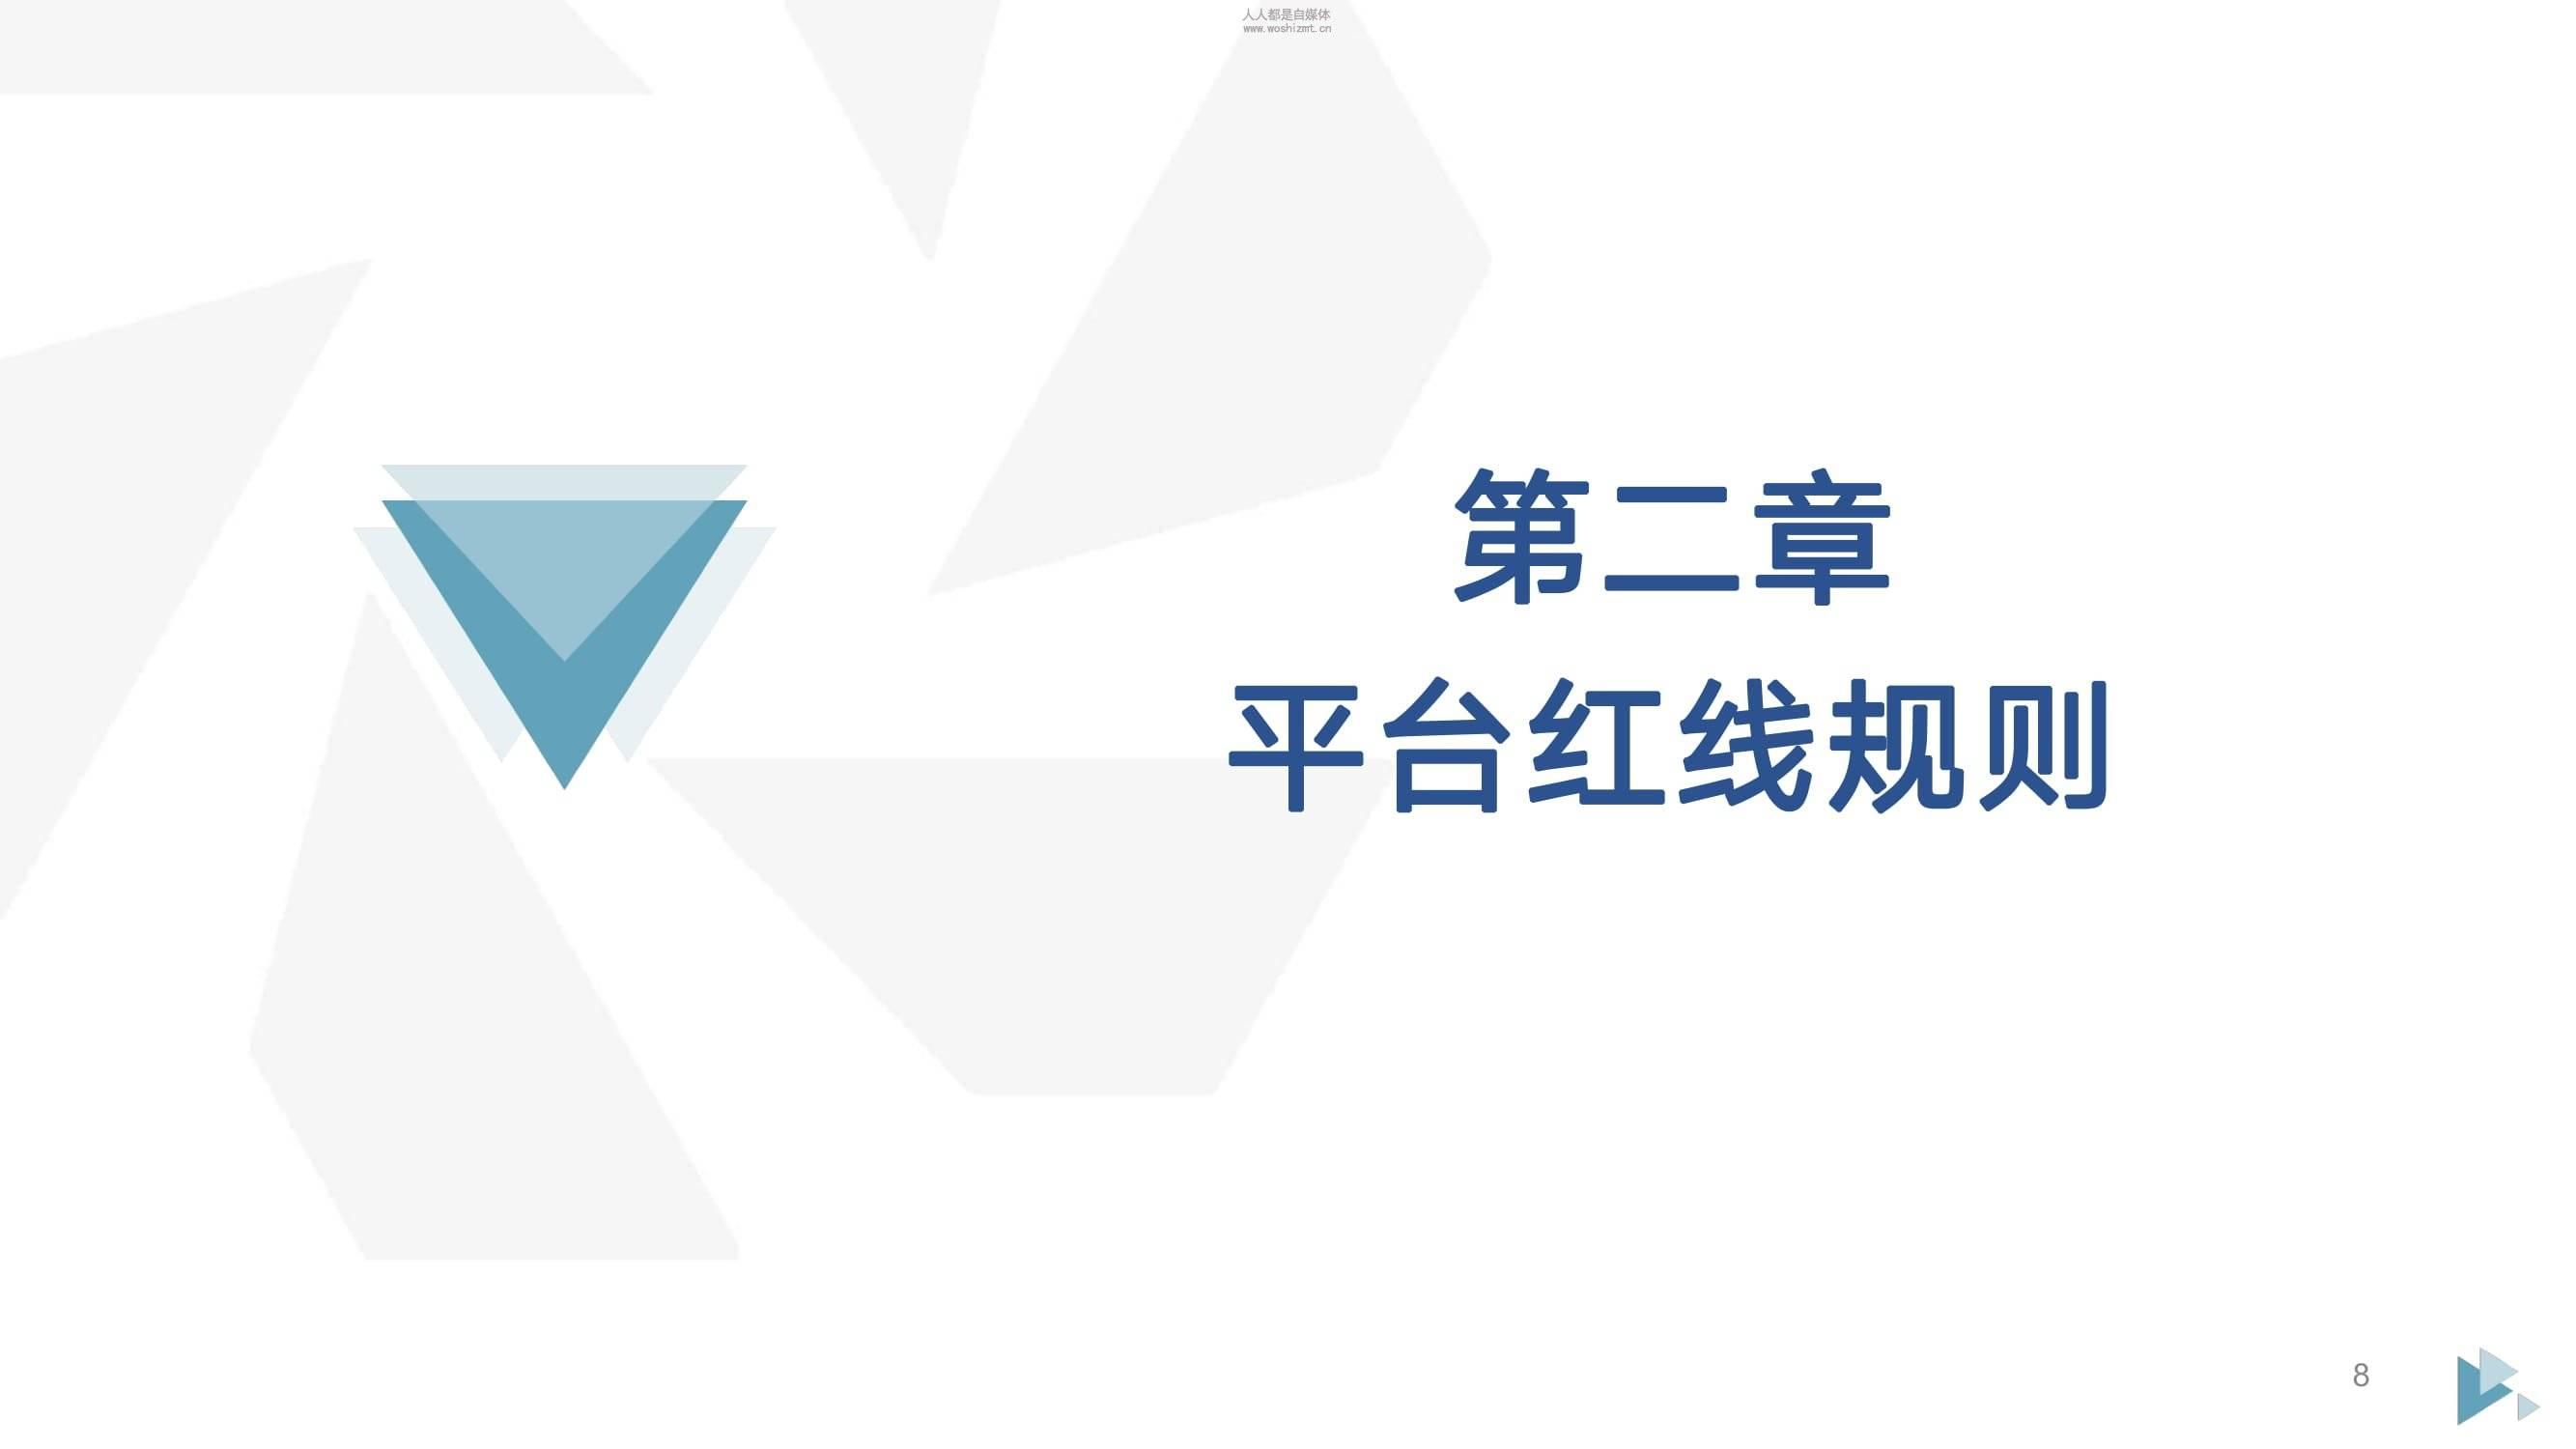 玉石商家抖音运营手册:禁售产品、断播禁用词汇 短视频 第4张